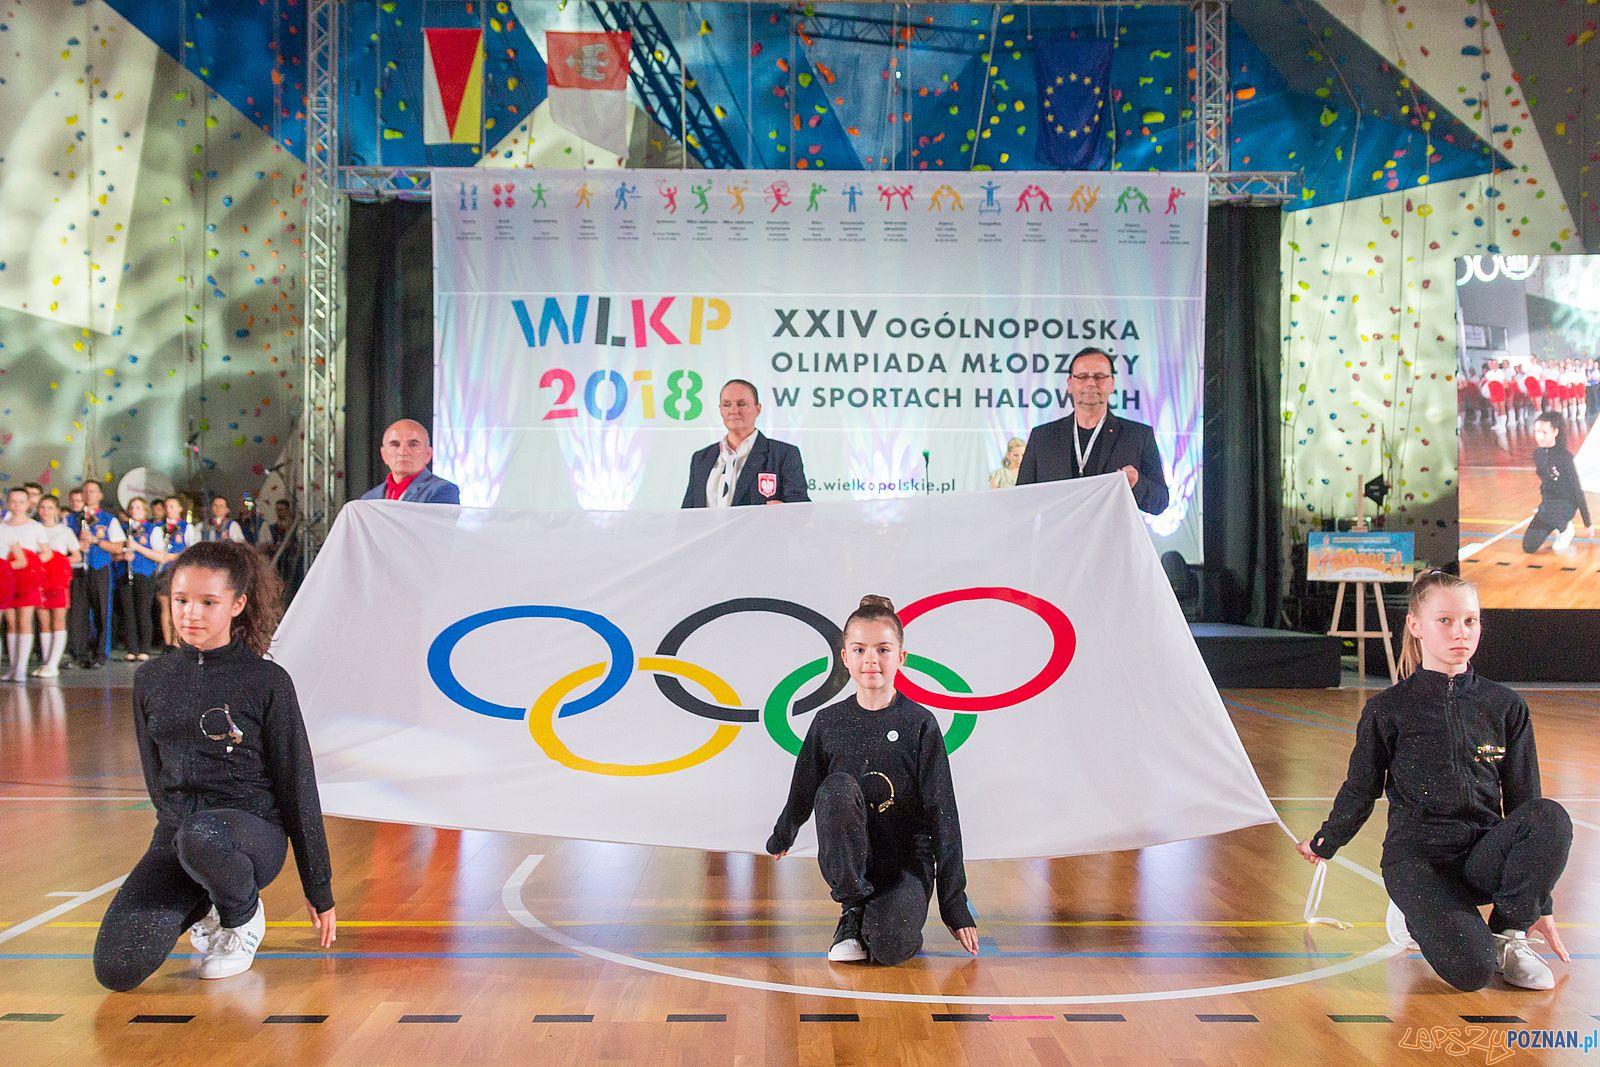 Ogólnopolskie Olimpiady Młodzieży - Centralne Otwarcie Swarzedz  Foto: lepszyPOZNAN.pl / Piotr Rychter